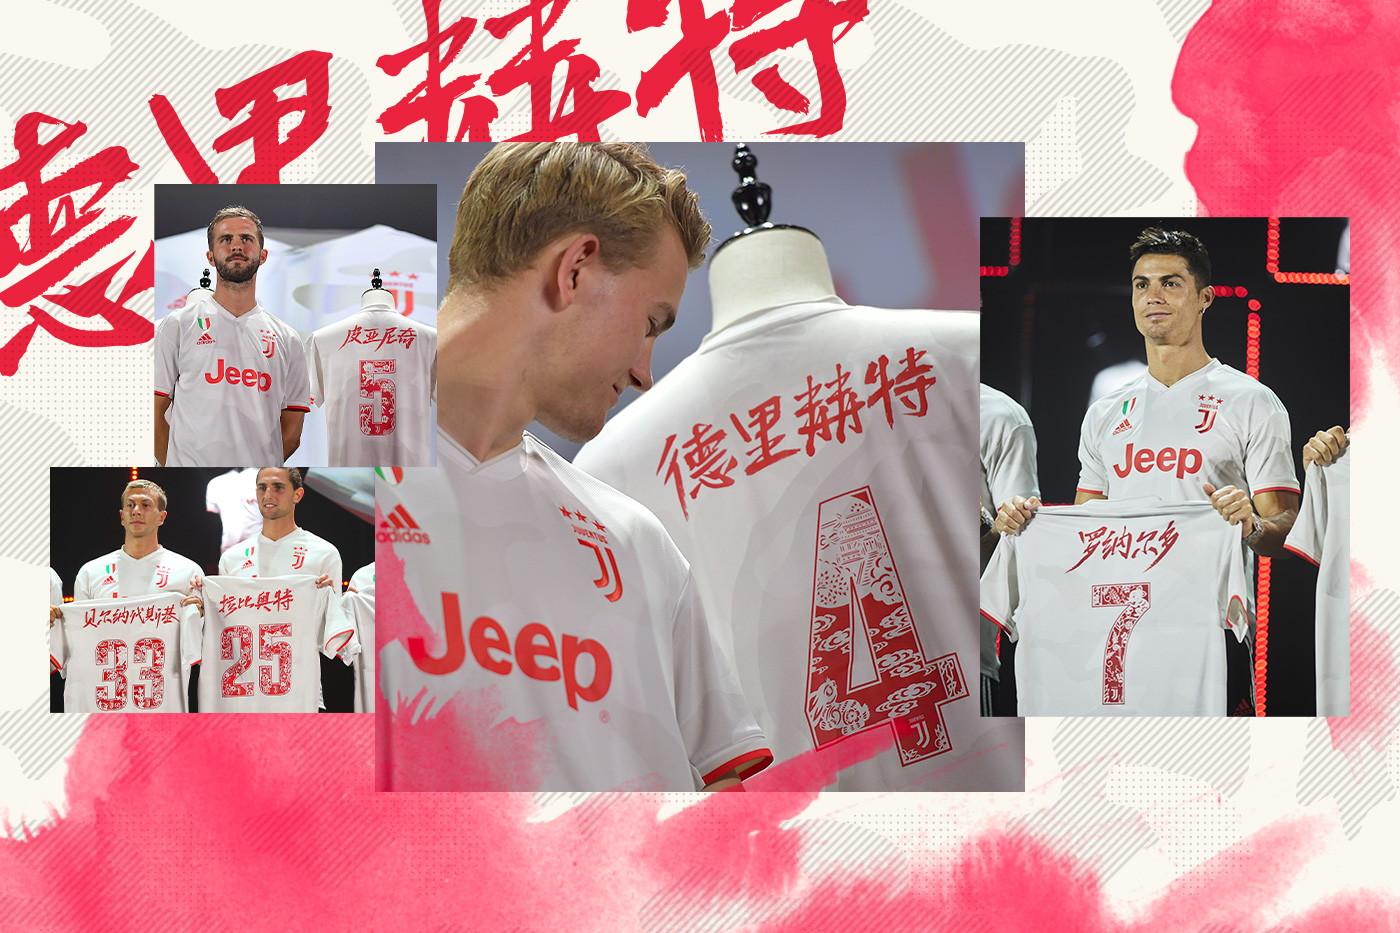 Dopo la presentazione a Shanghai, la Juventus ha messo in vendita una maglia speciale col nome dei giocatori scritto in caratteri cinesi. La divisa, d...